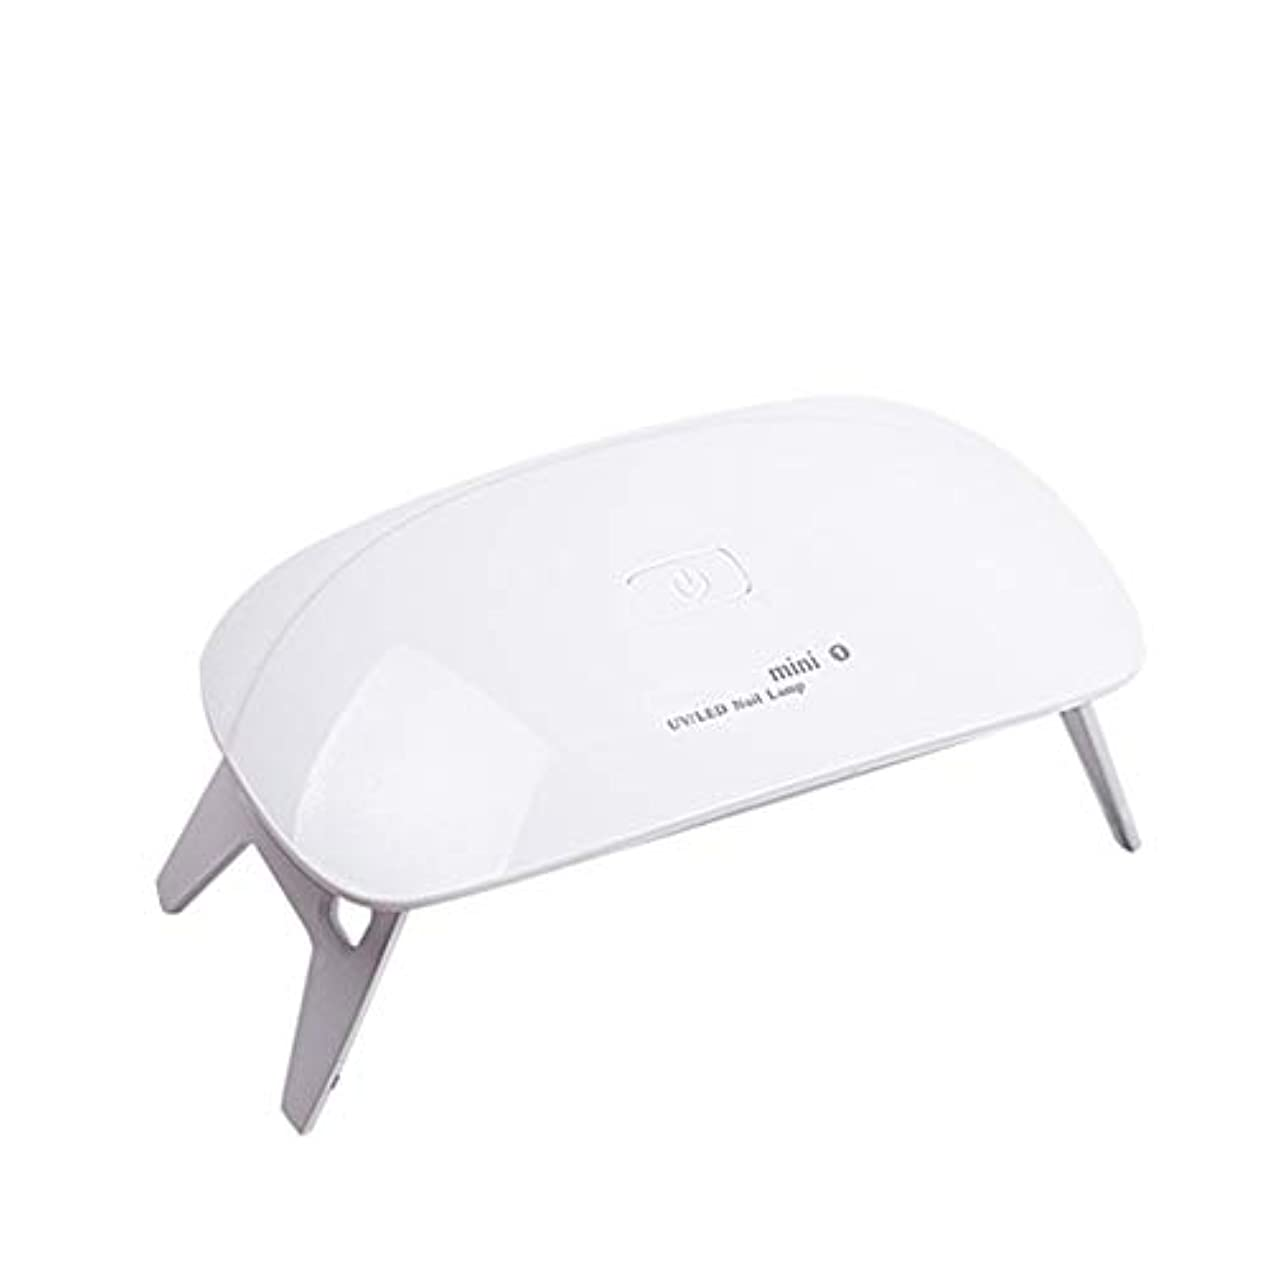 東適合ファッション硬化用UVライトLEDネイルドライヤー UVライト レジンライトホワイト